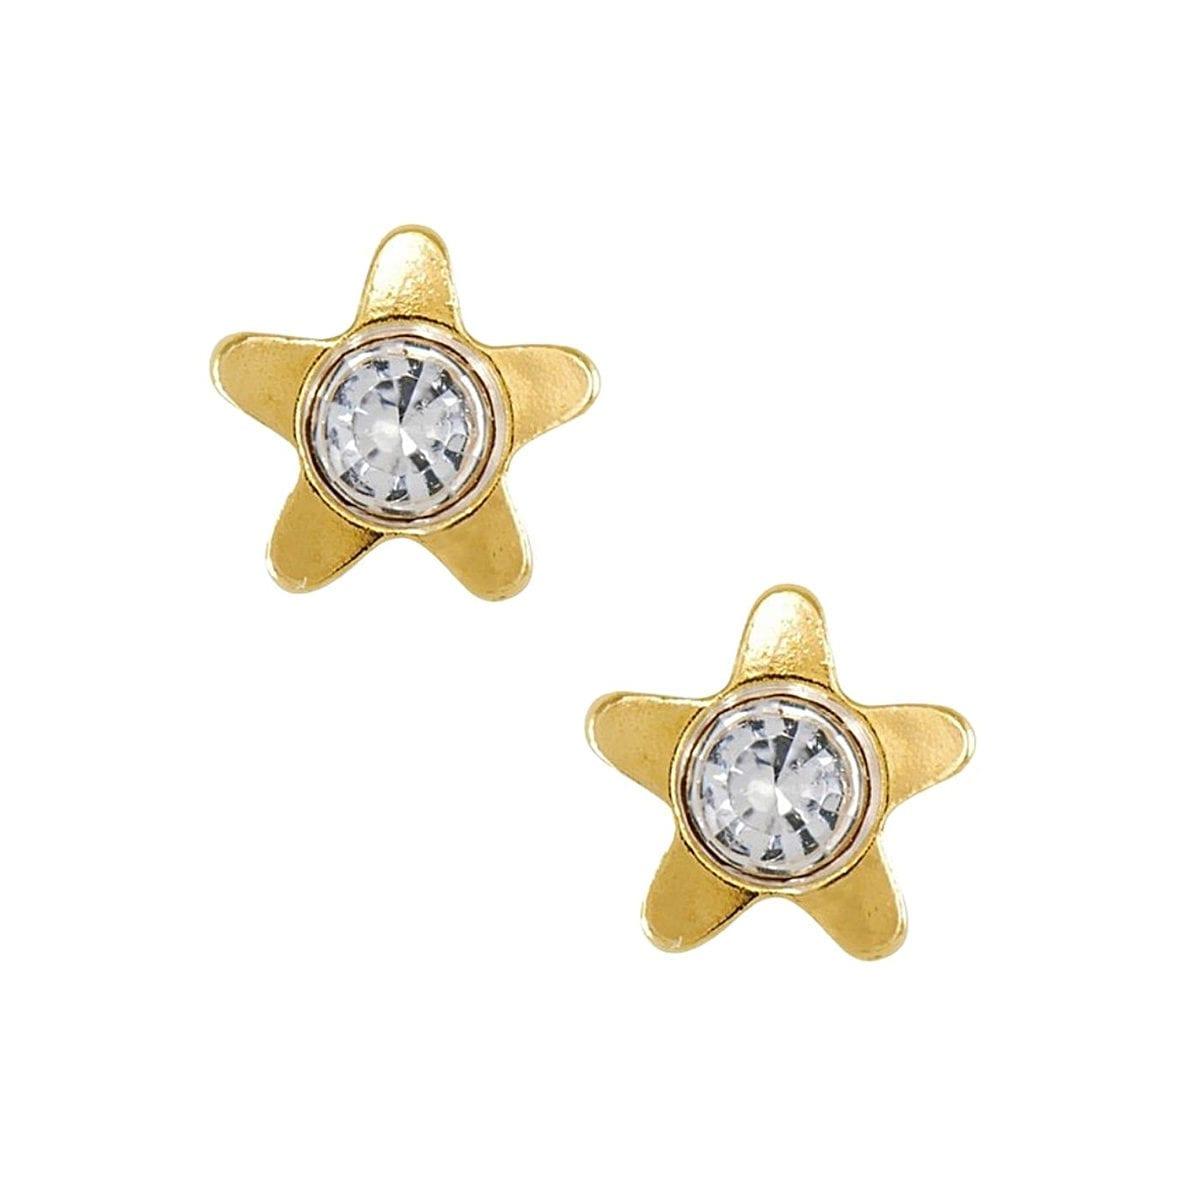 Studex-tiny-tips-starlight-earrings